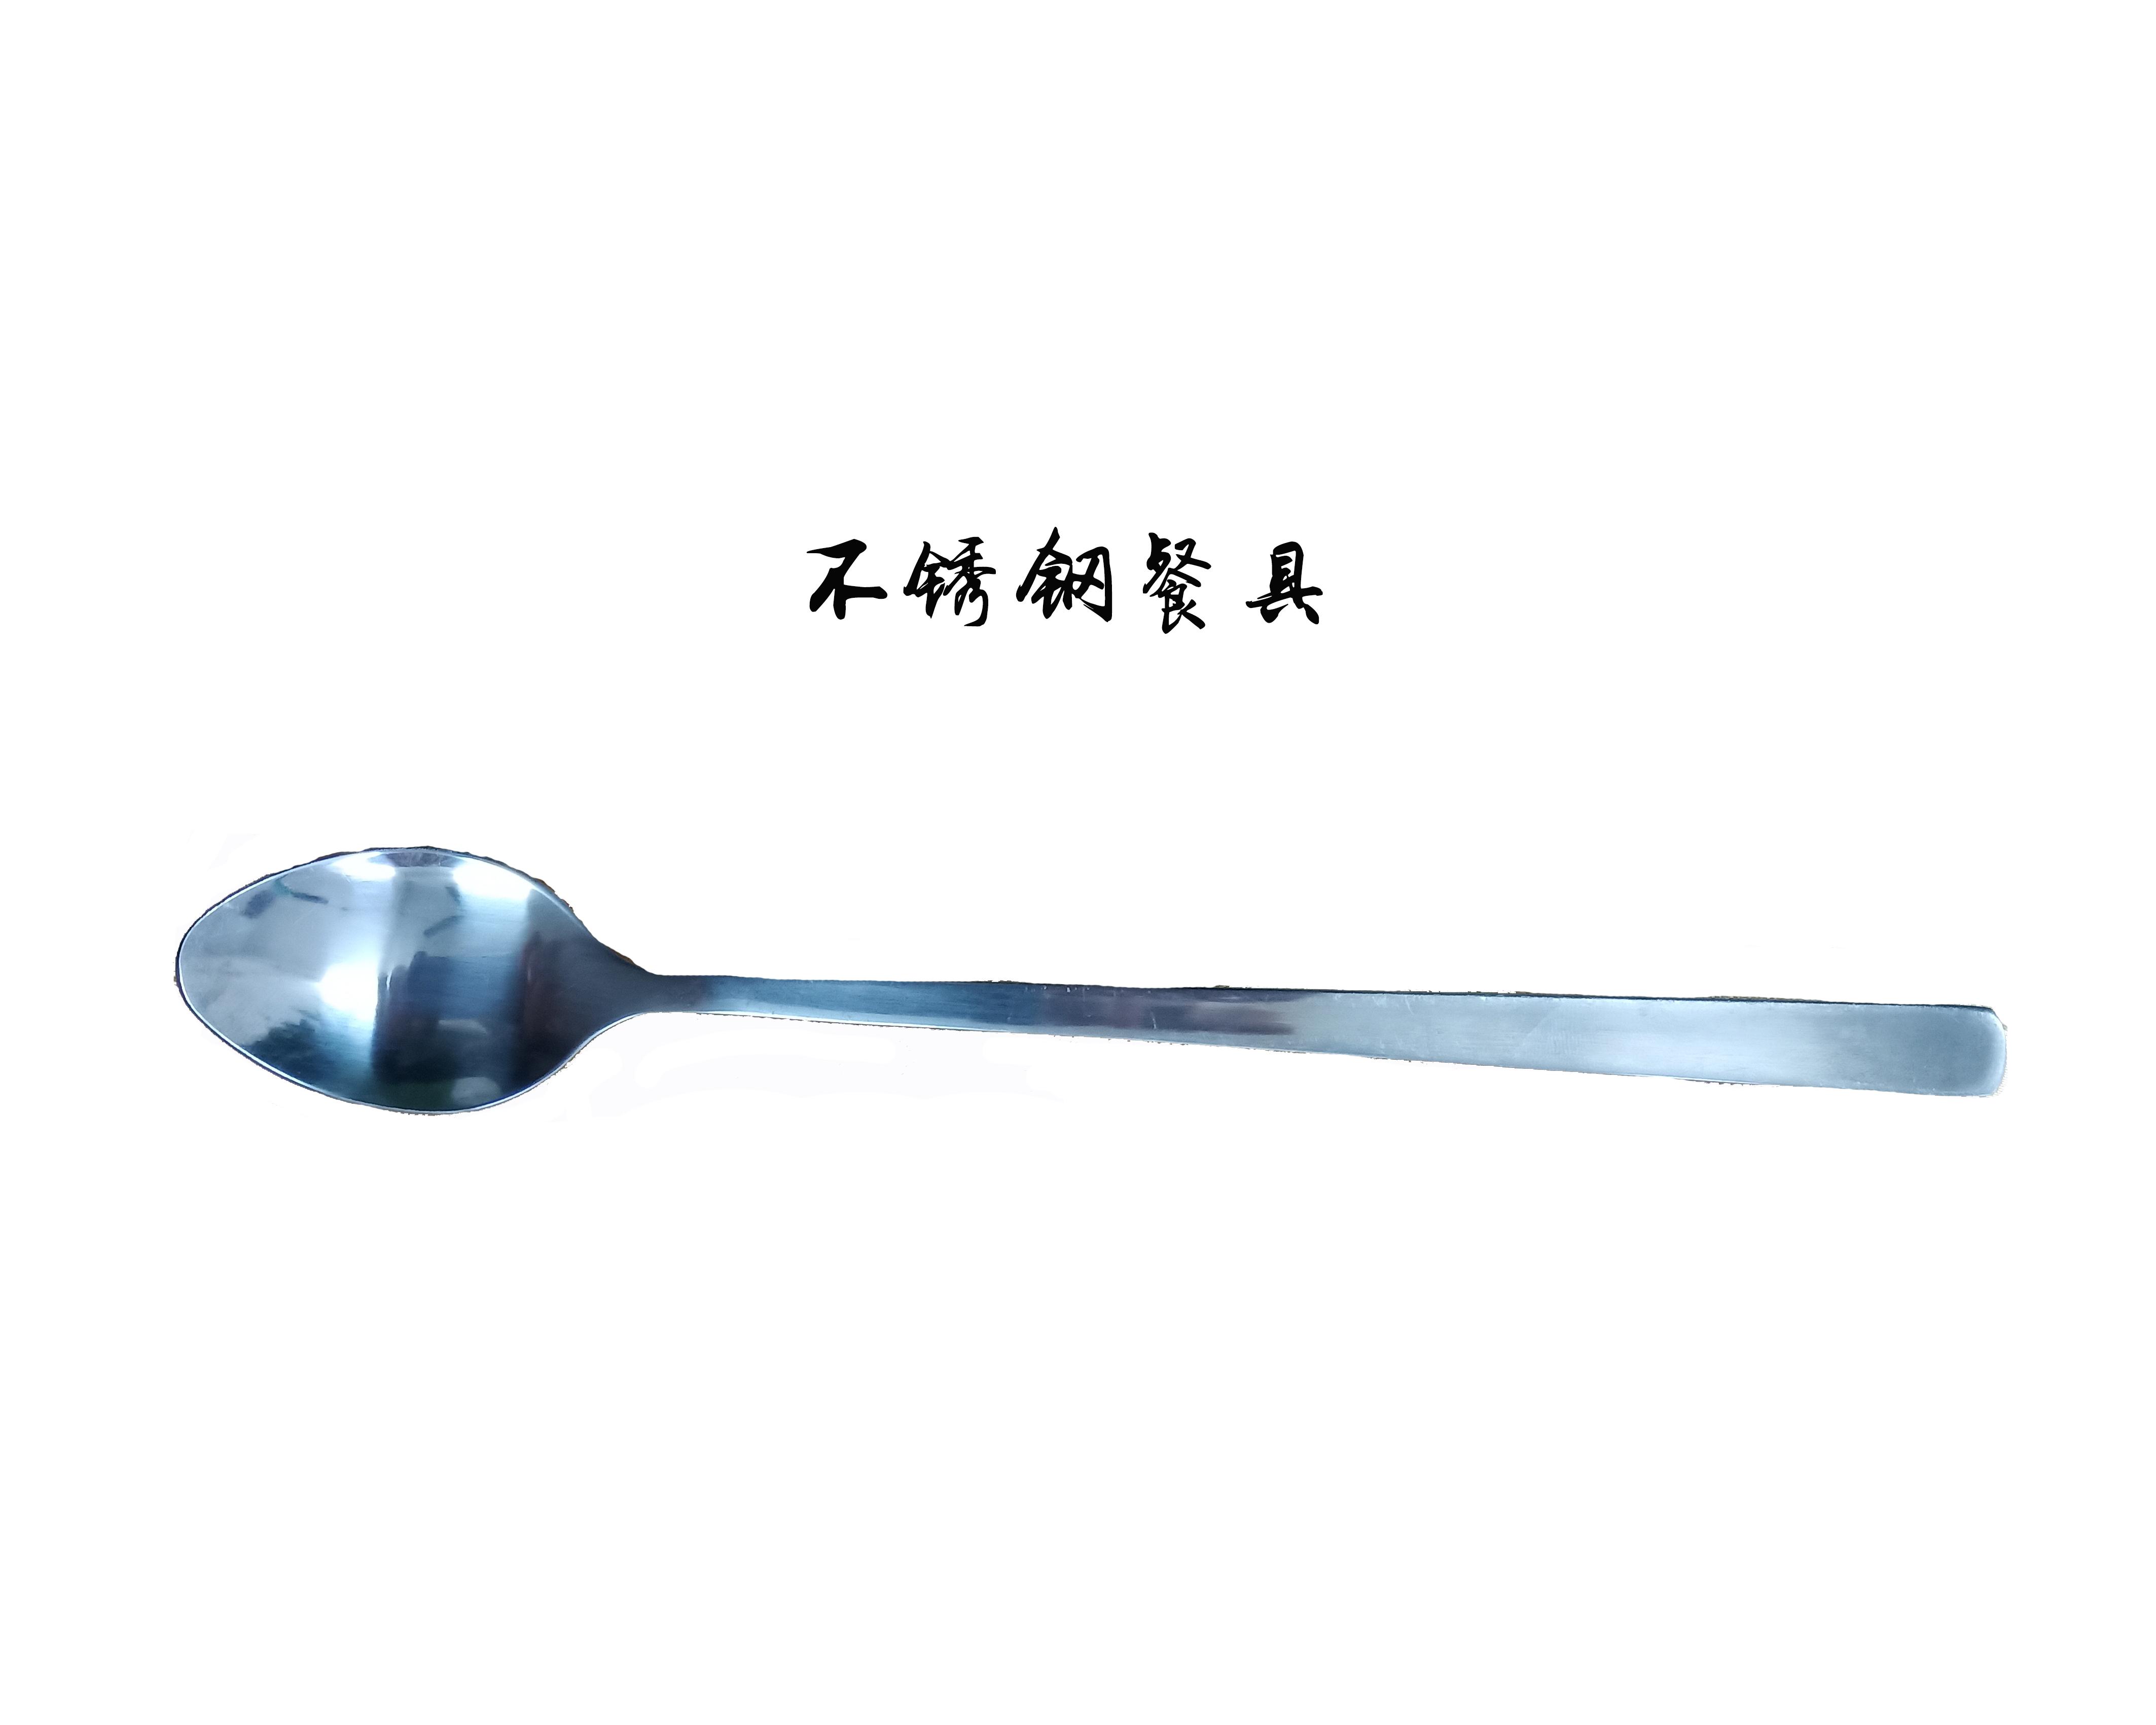 不锈钢餐具供应商 不锈钢餐具定制 不锈钢餐具 不锈钢餐具生产厂家 不锈钢餐具报价